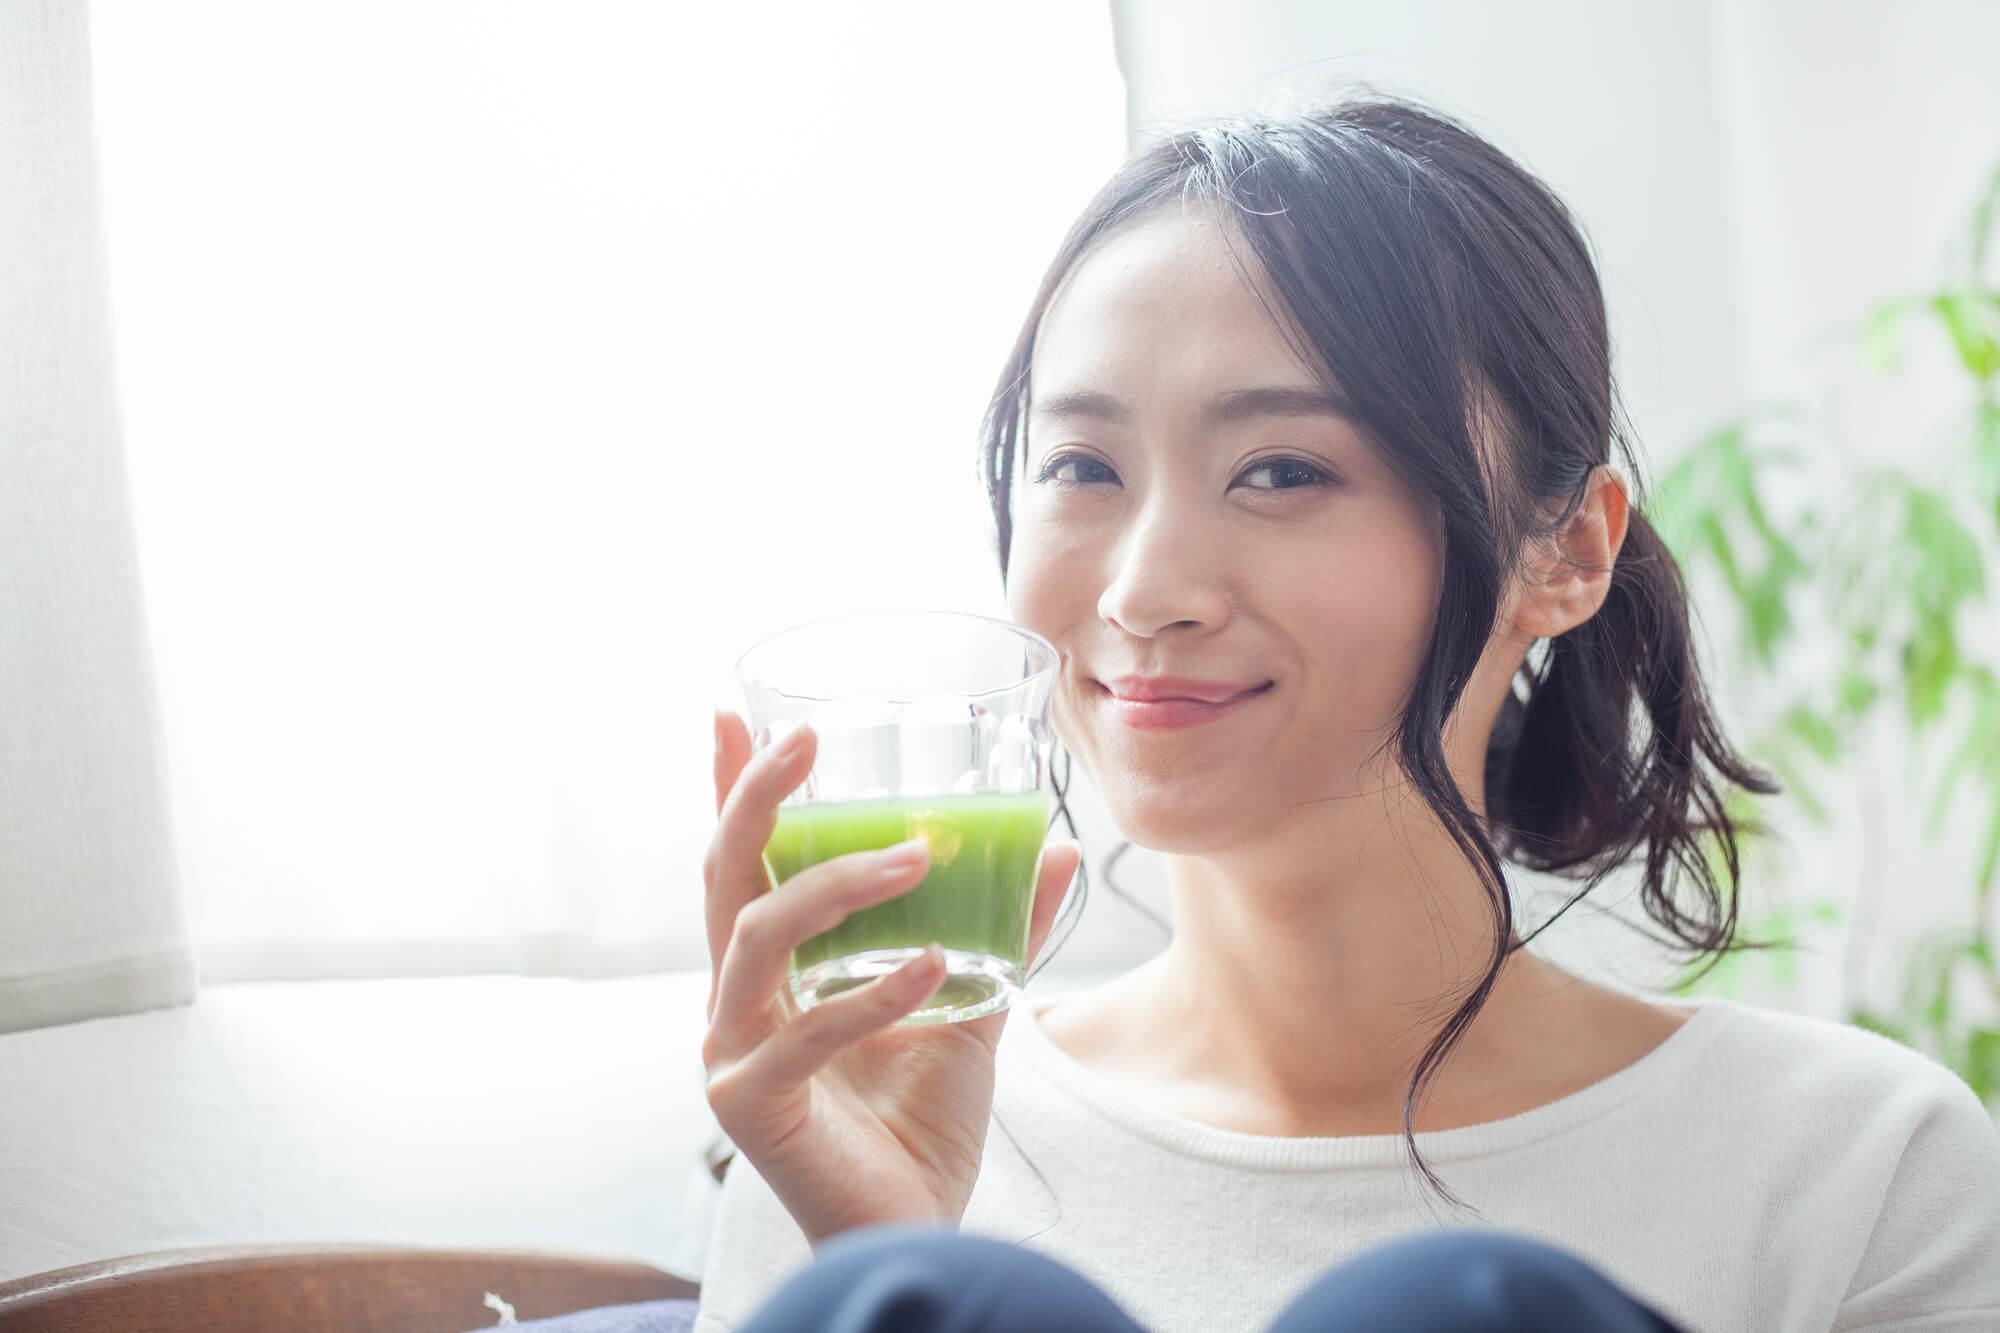 青汁のはたらきは?おすすめの飲み方や飲むタイミングを解説!│健康 ...